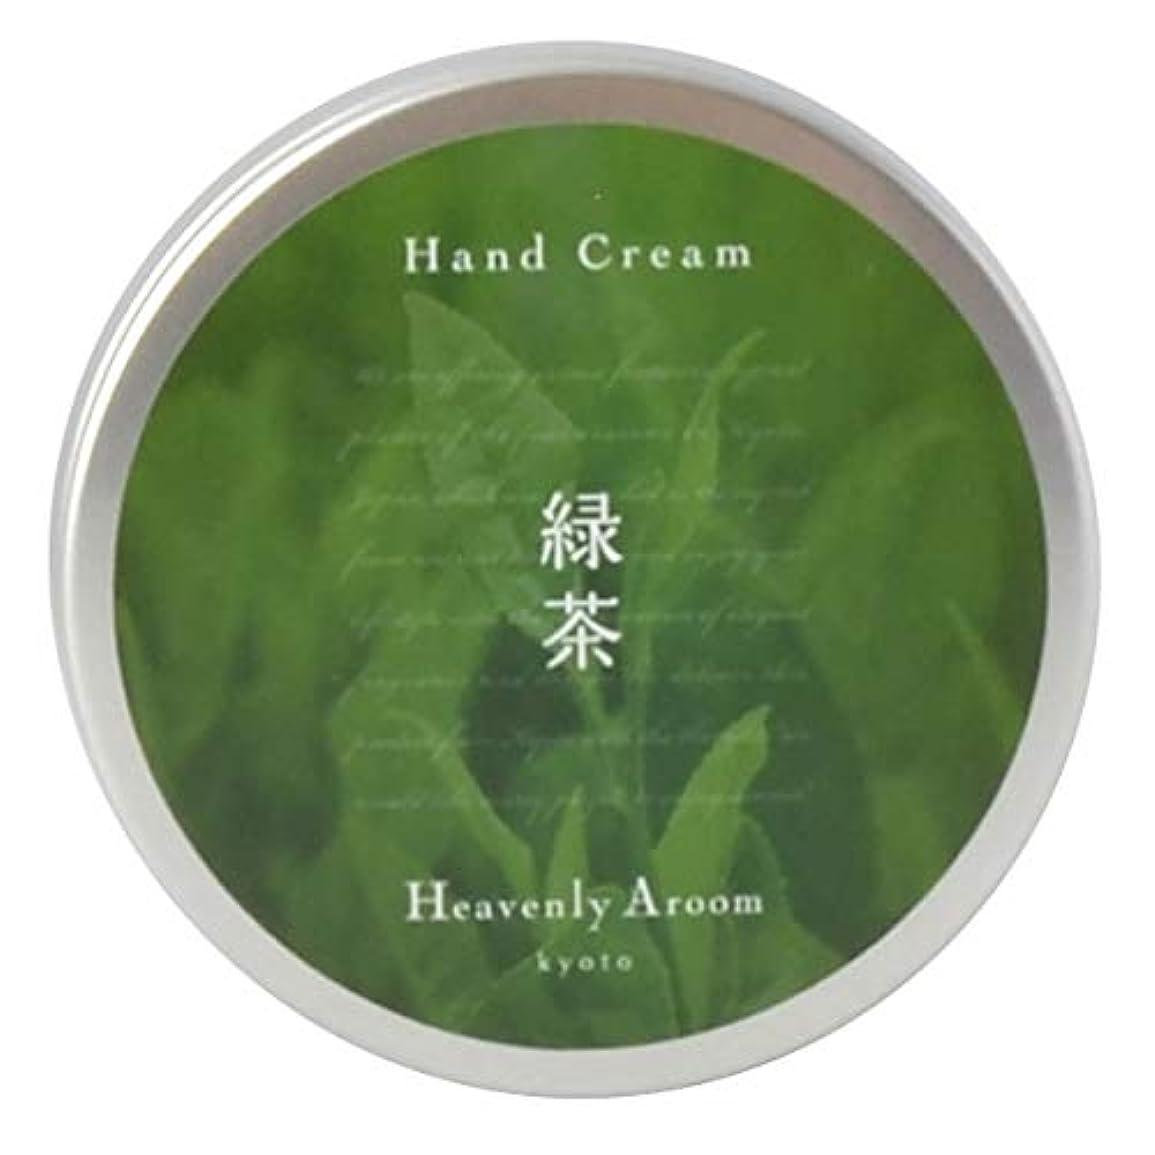 進化規範でHeavenly Aroom ハンドクリーム 緑茶 75g